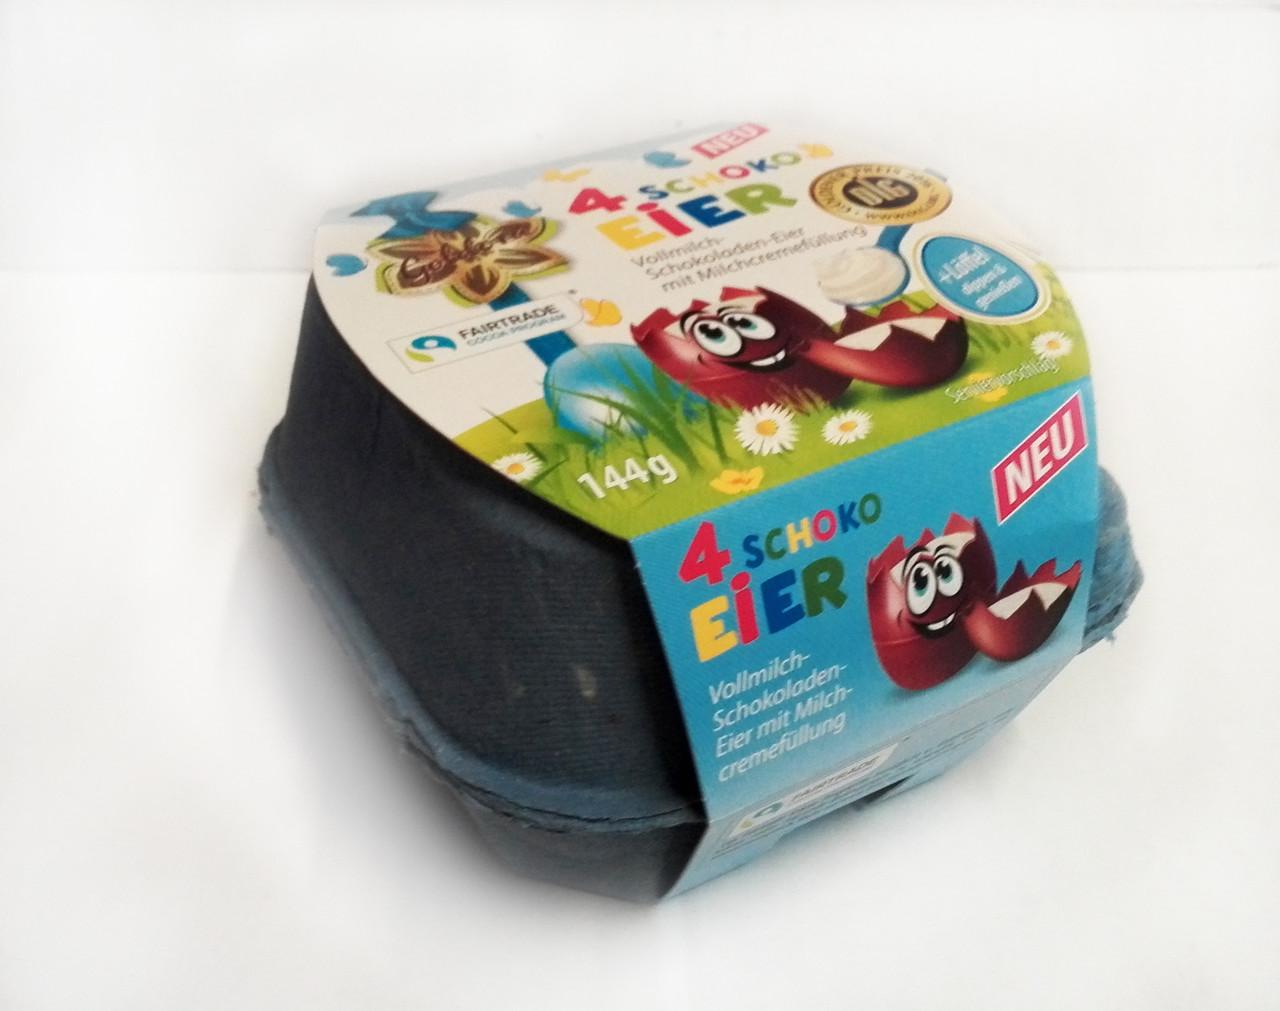 Шоколадные яички в лотке Goldora «4 Schoko Eier» c молочным кремом внутри, 144 г.